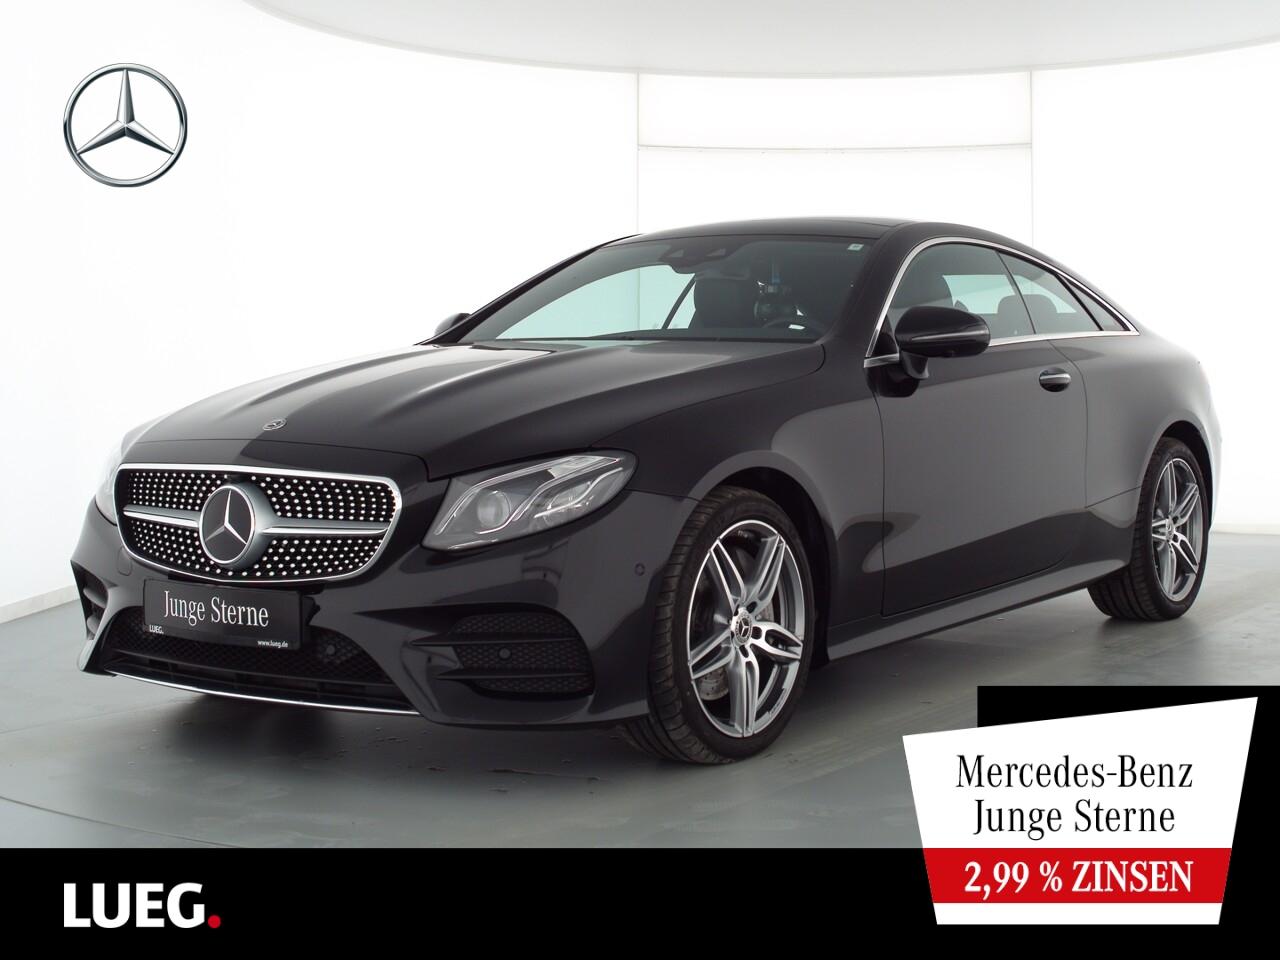 Mercedes-Benz E 450 4M Coupé AMG+COM+Pano+Mbeam+19''+DistrP+36, Jahr 2019, Benzin